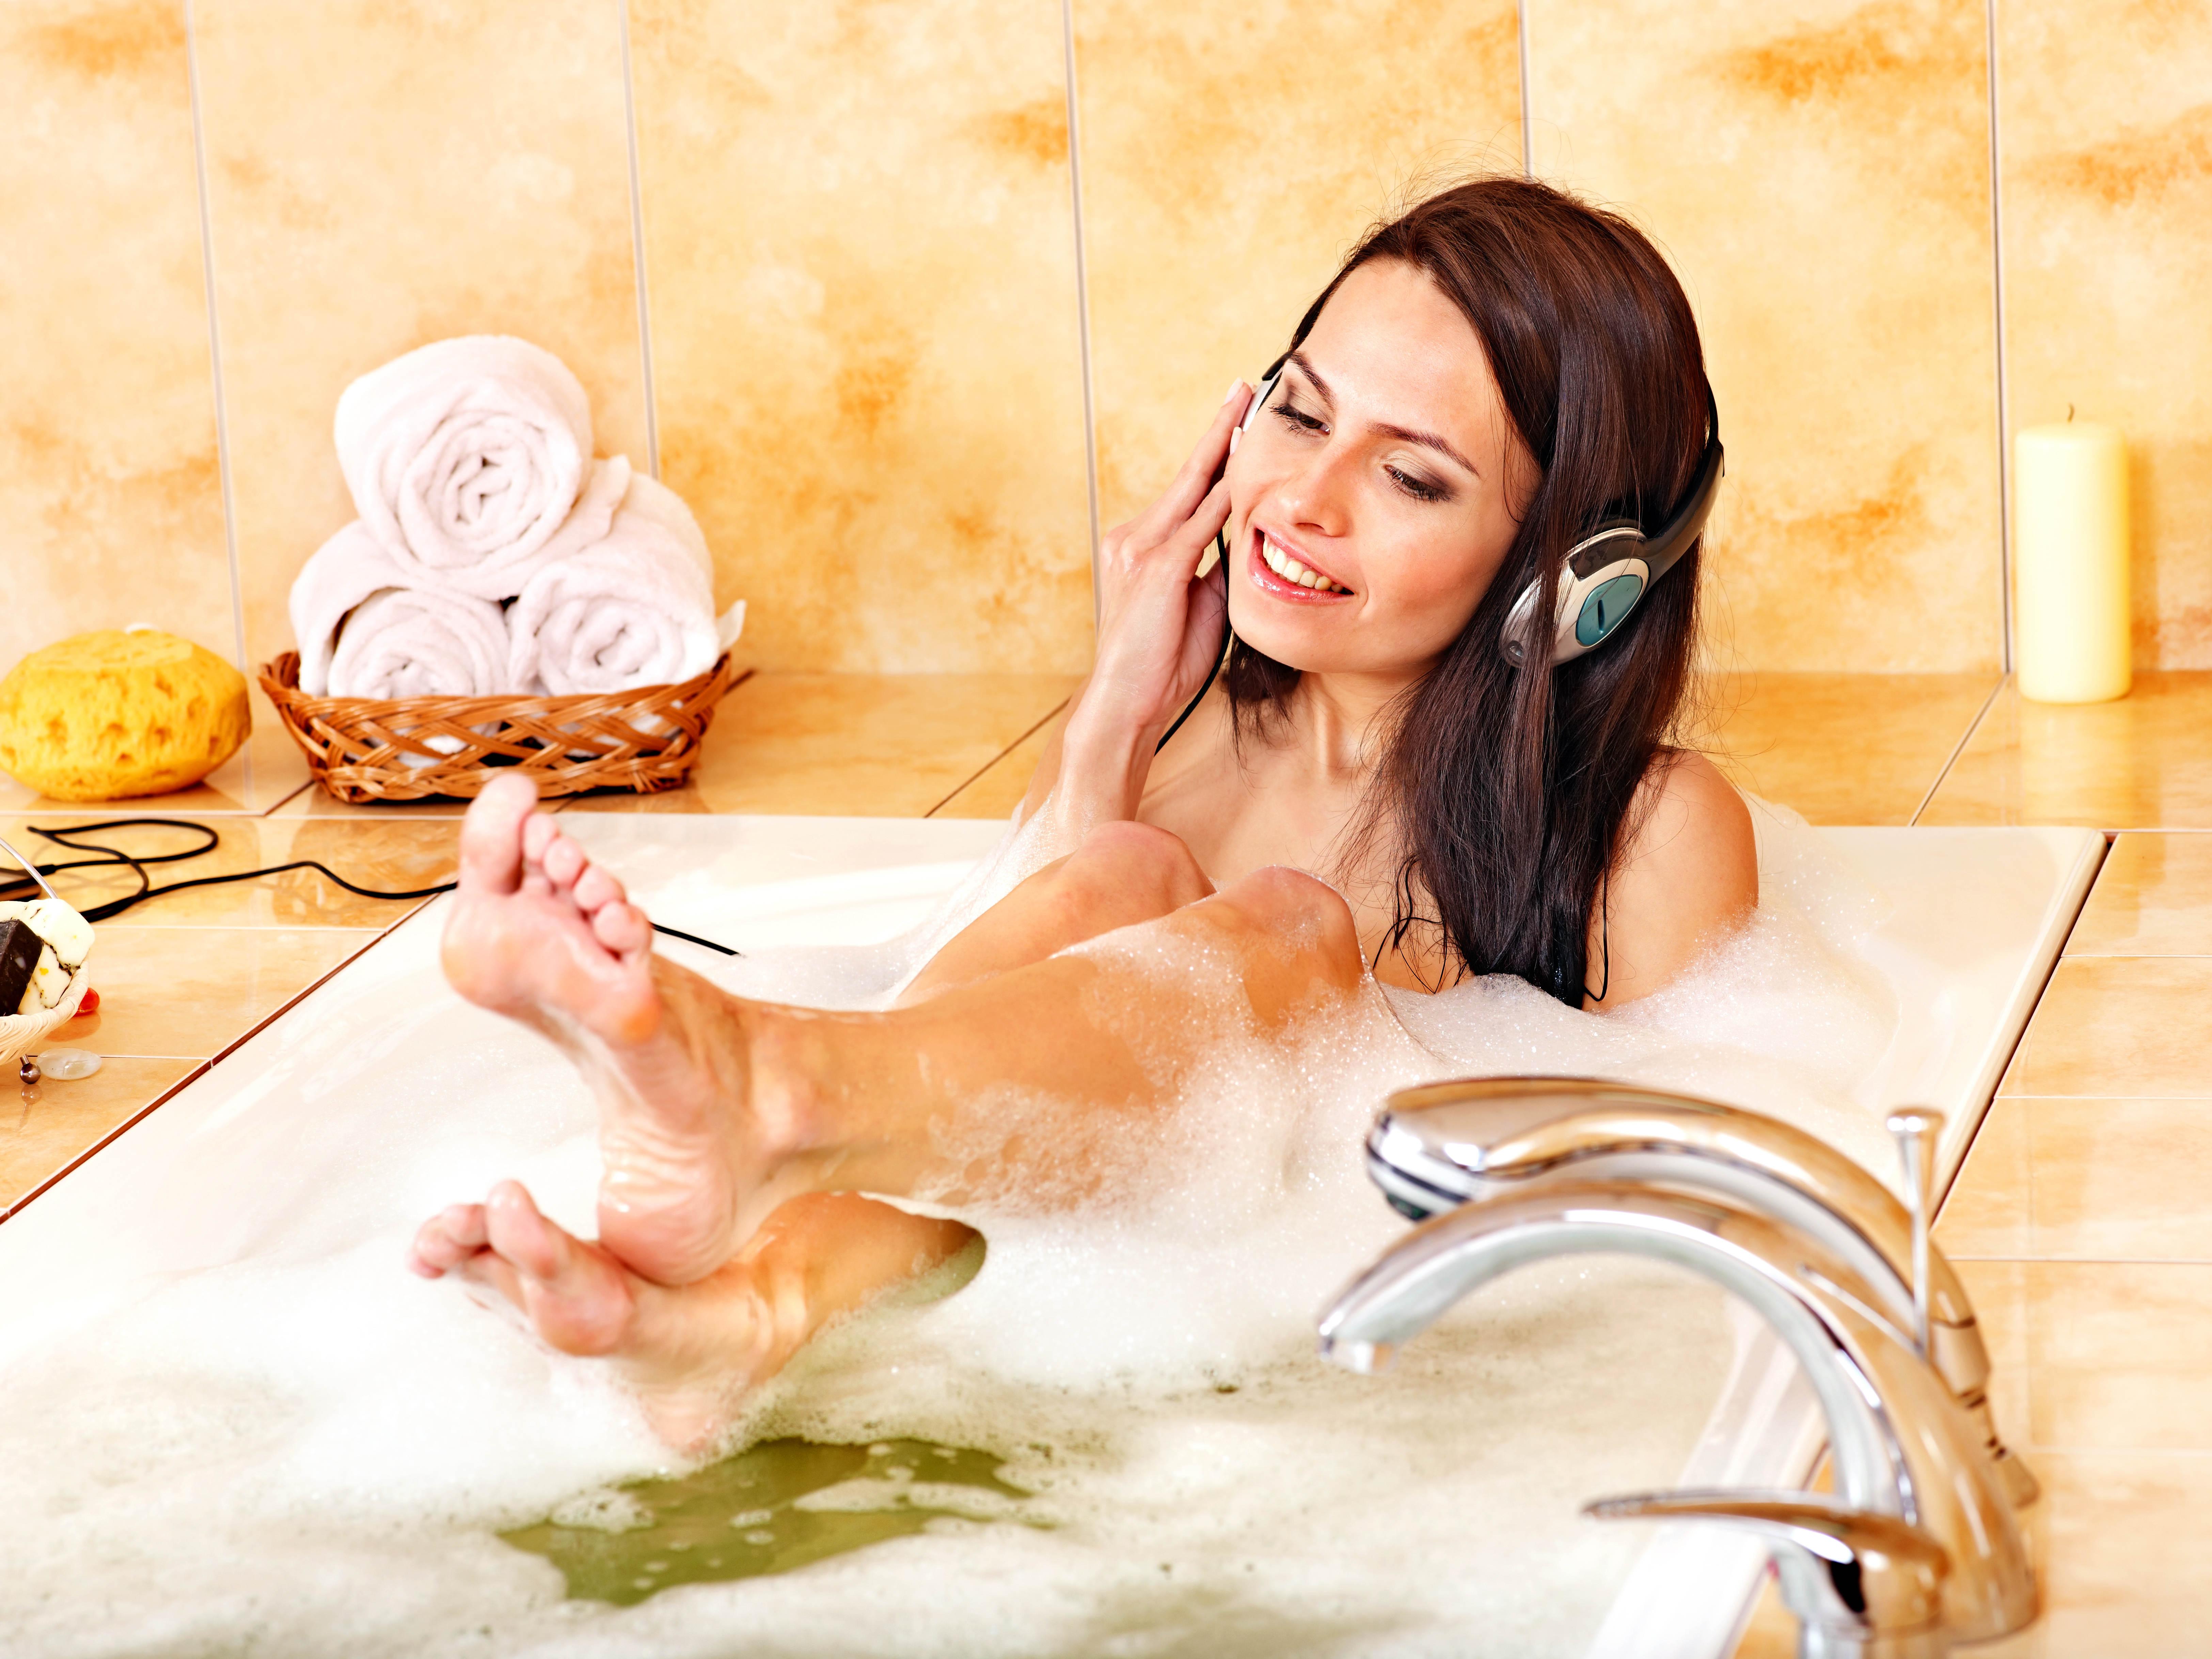 Просто женщины в ванной фото 8 фотография